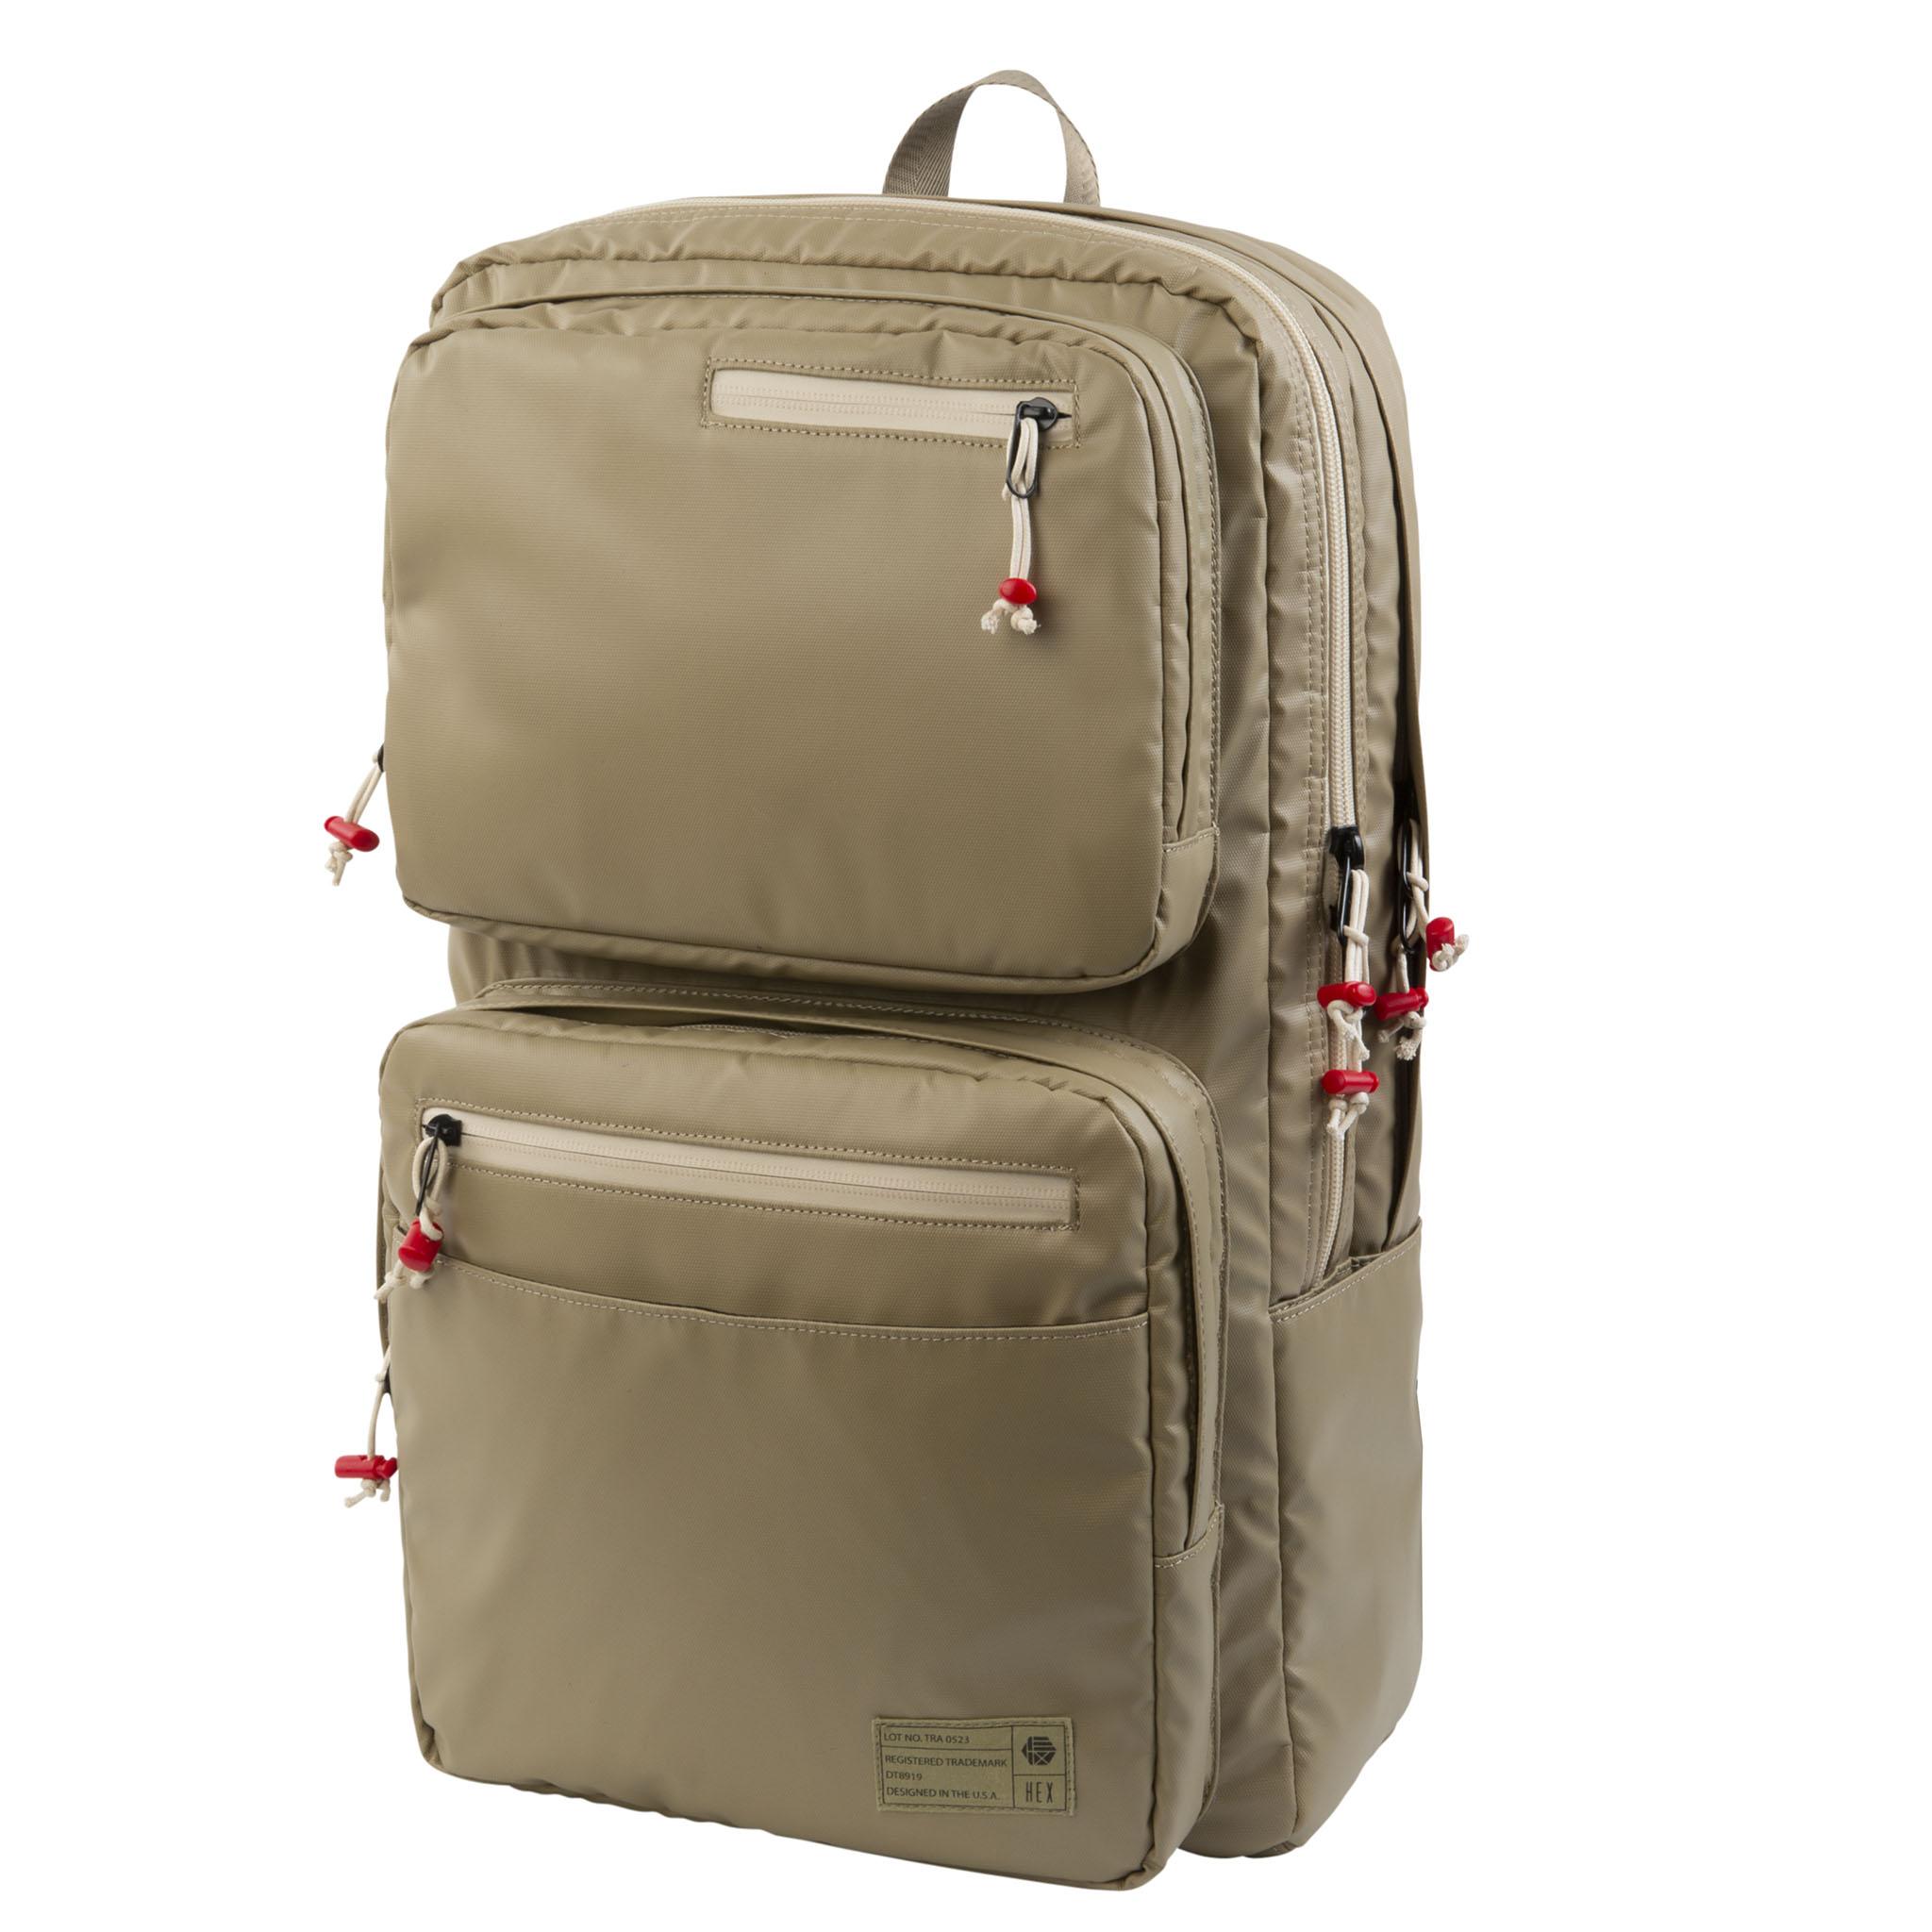 HEX Terra Patrol Backpack